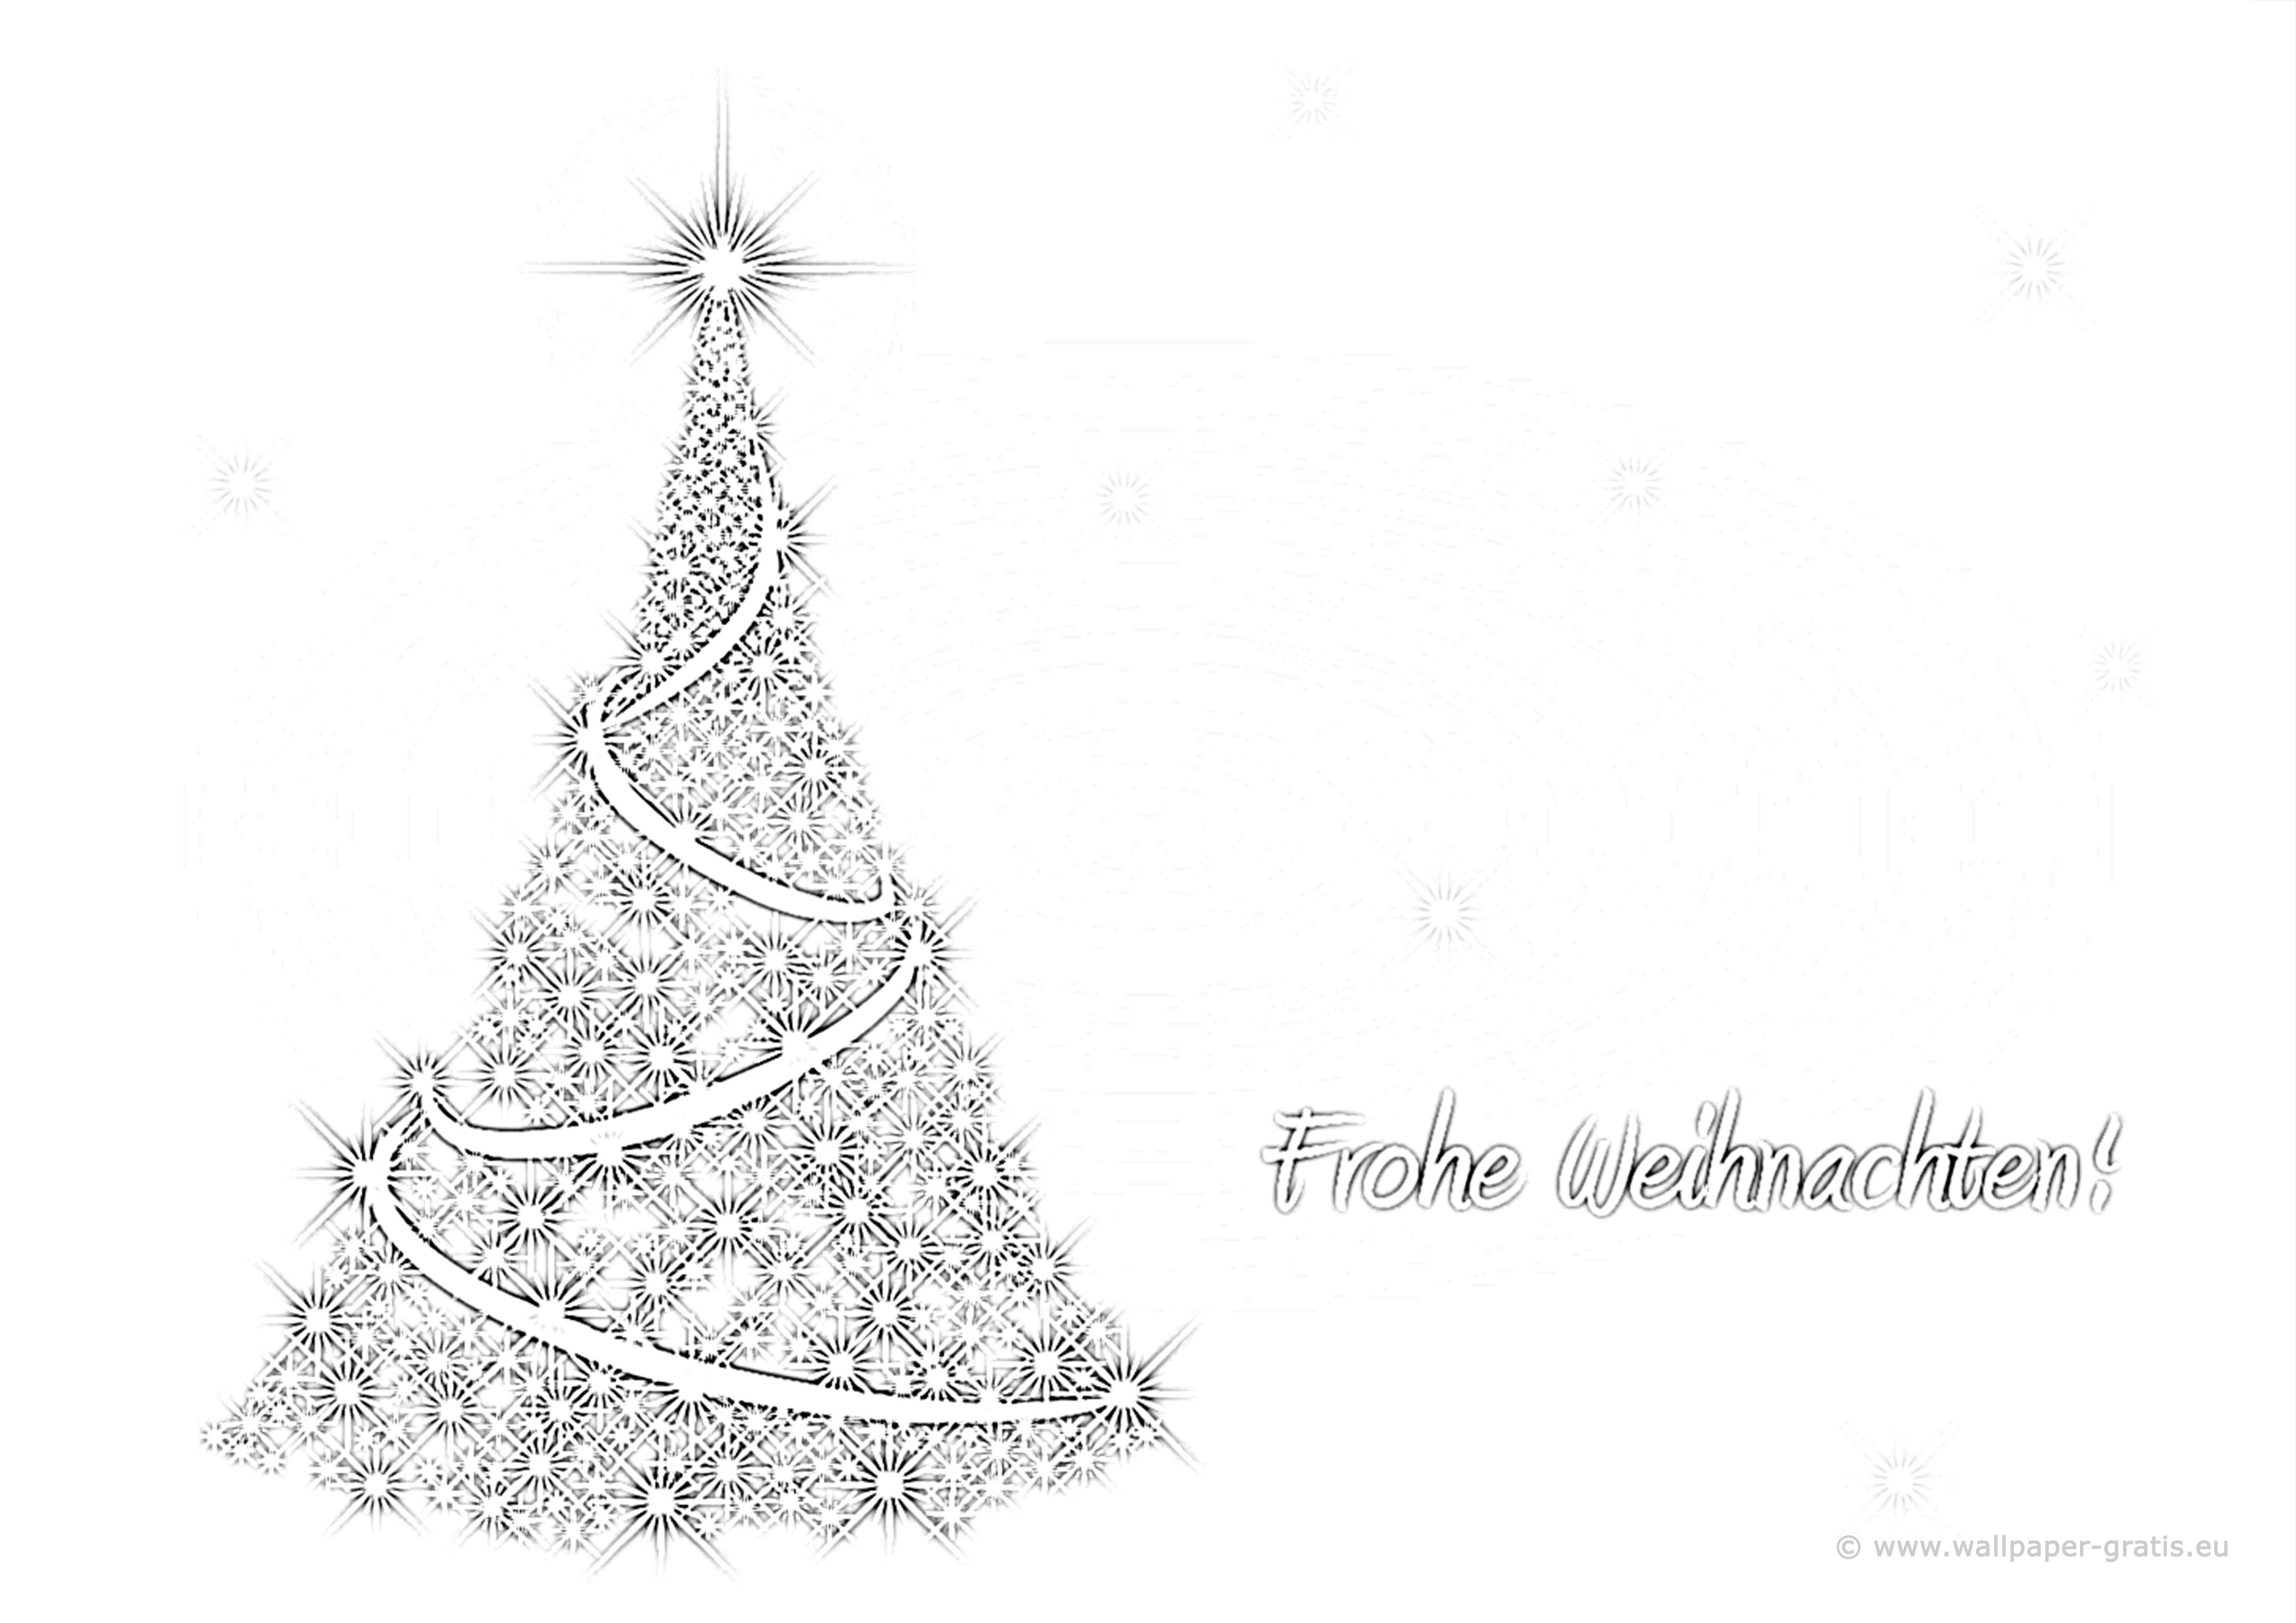 Fantastisch Frohe Weihnachten Malvorlagen Fotos - Malvorlagen Von ...